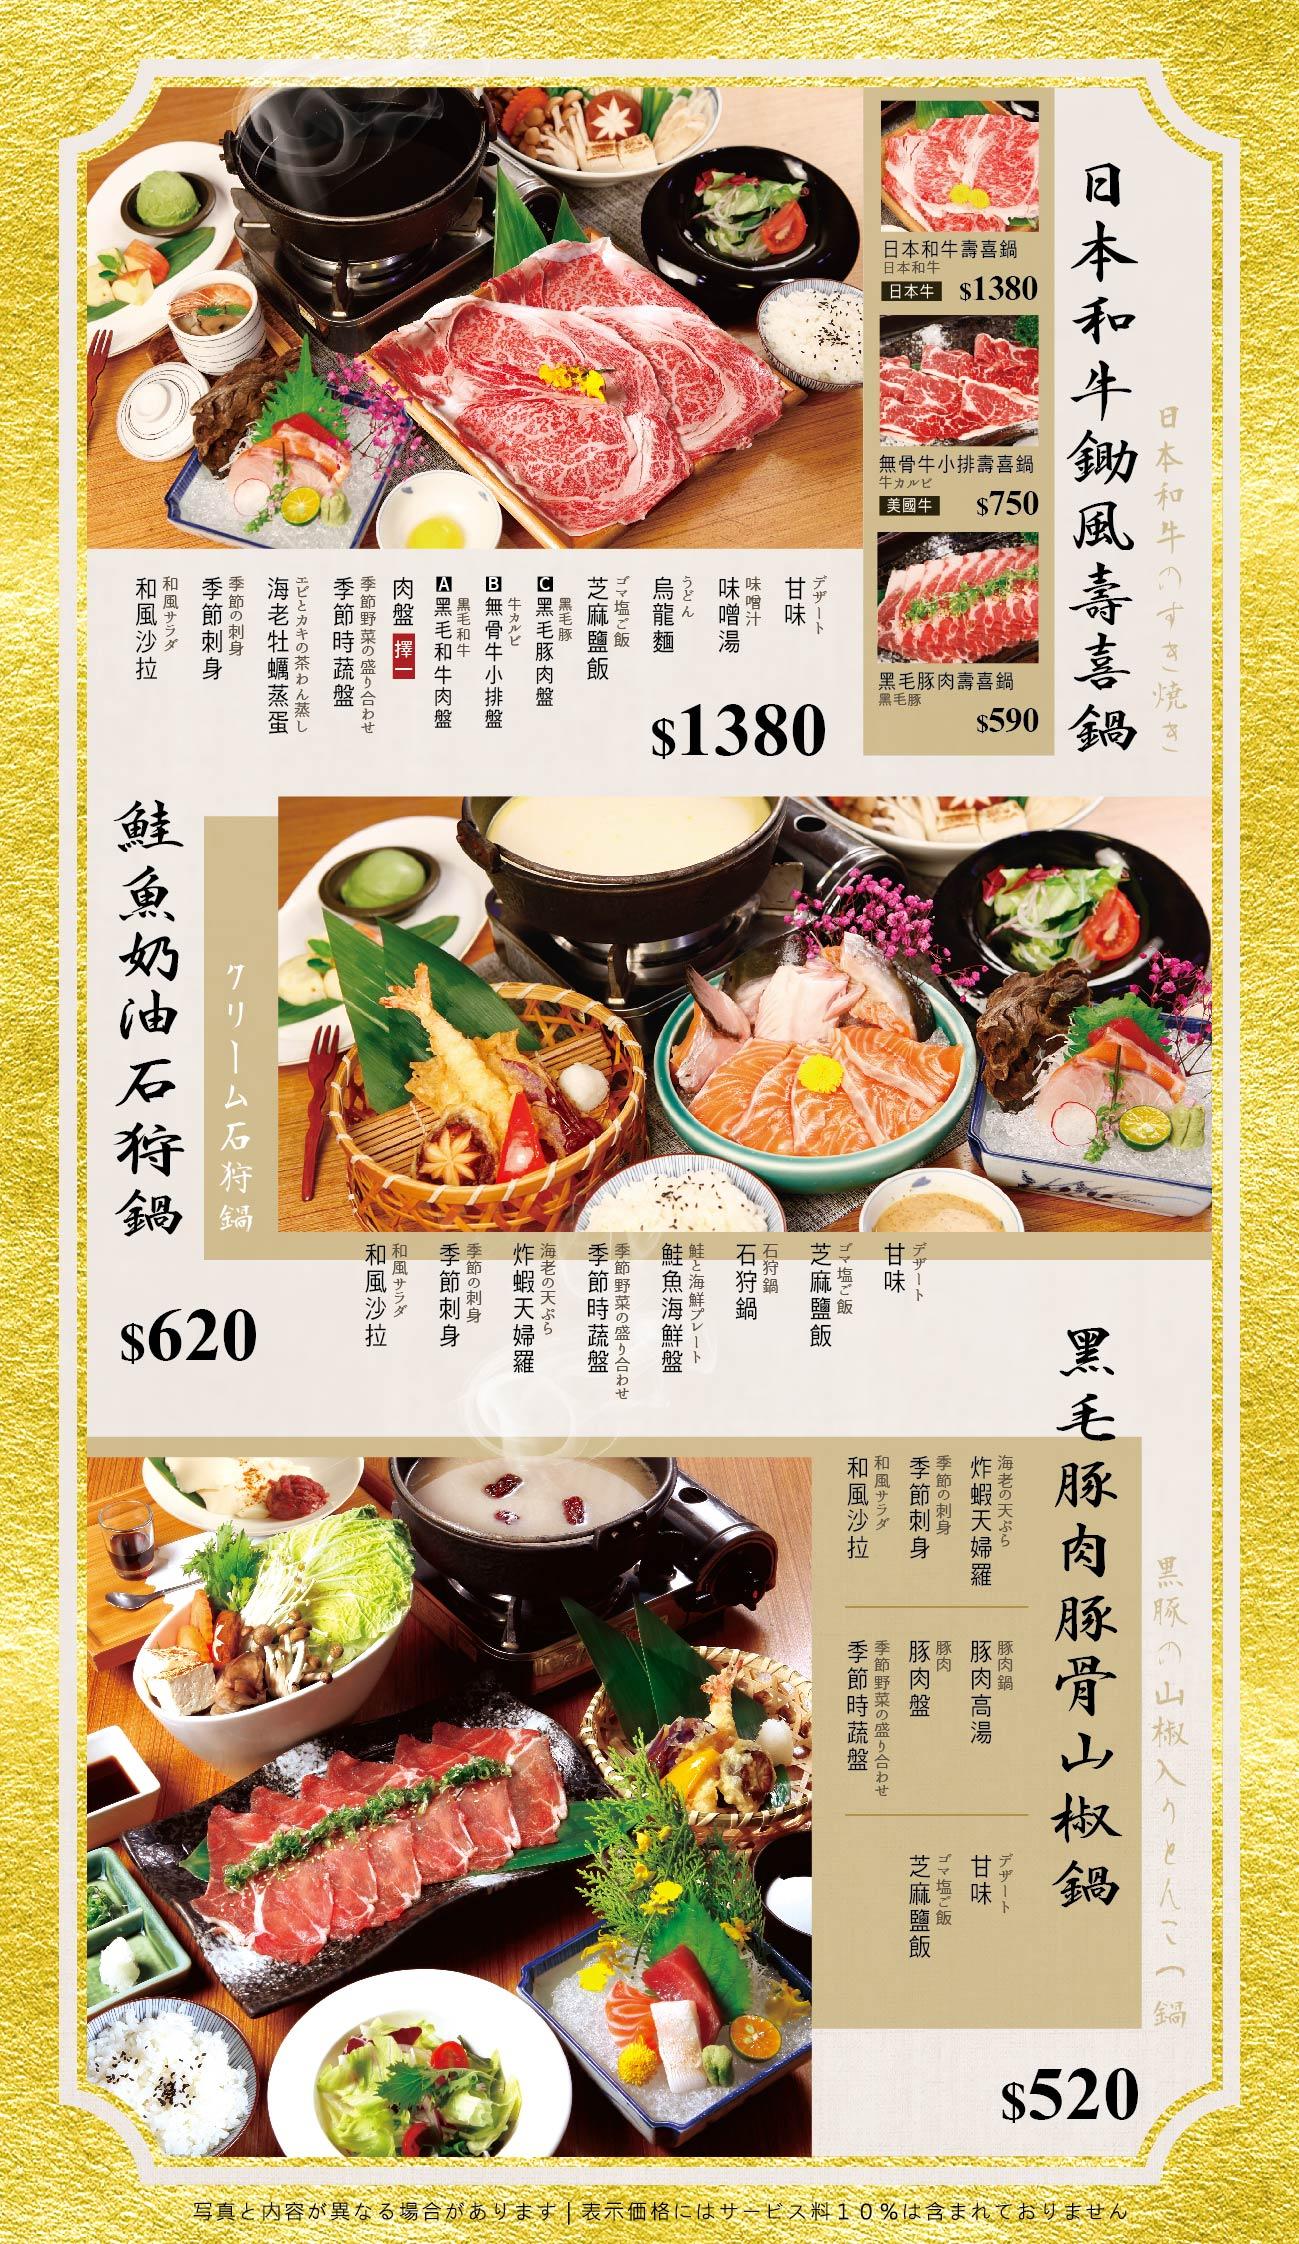 20181112213403 59 - 熱血採訪|鮨彩壽司割烹台中新時代店~豐盛精緻的和食料理、鍋物、丼飯 套餐、單點自由搭配 鍋祭滿千送百活動到年底!